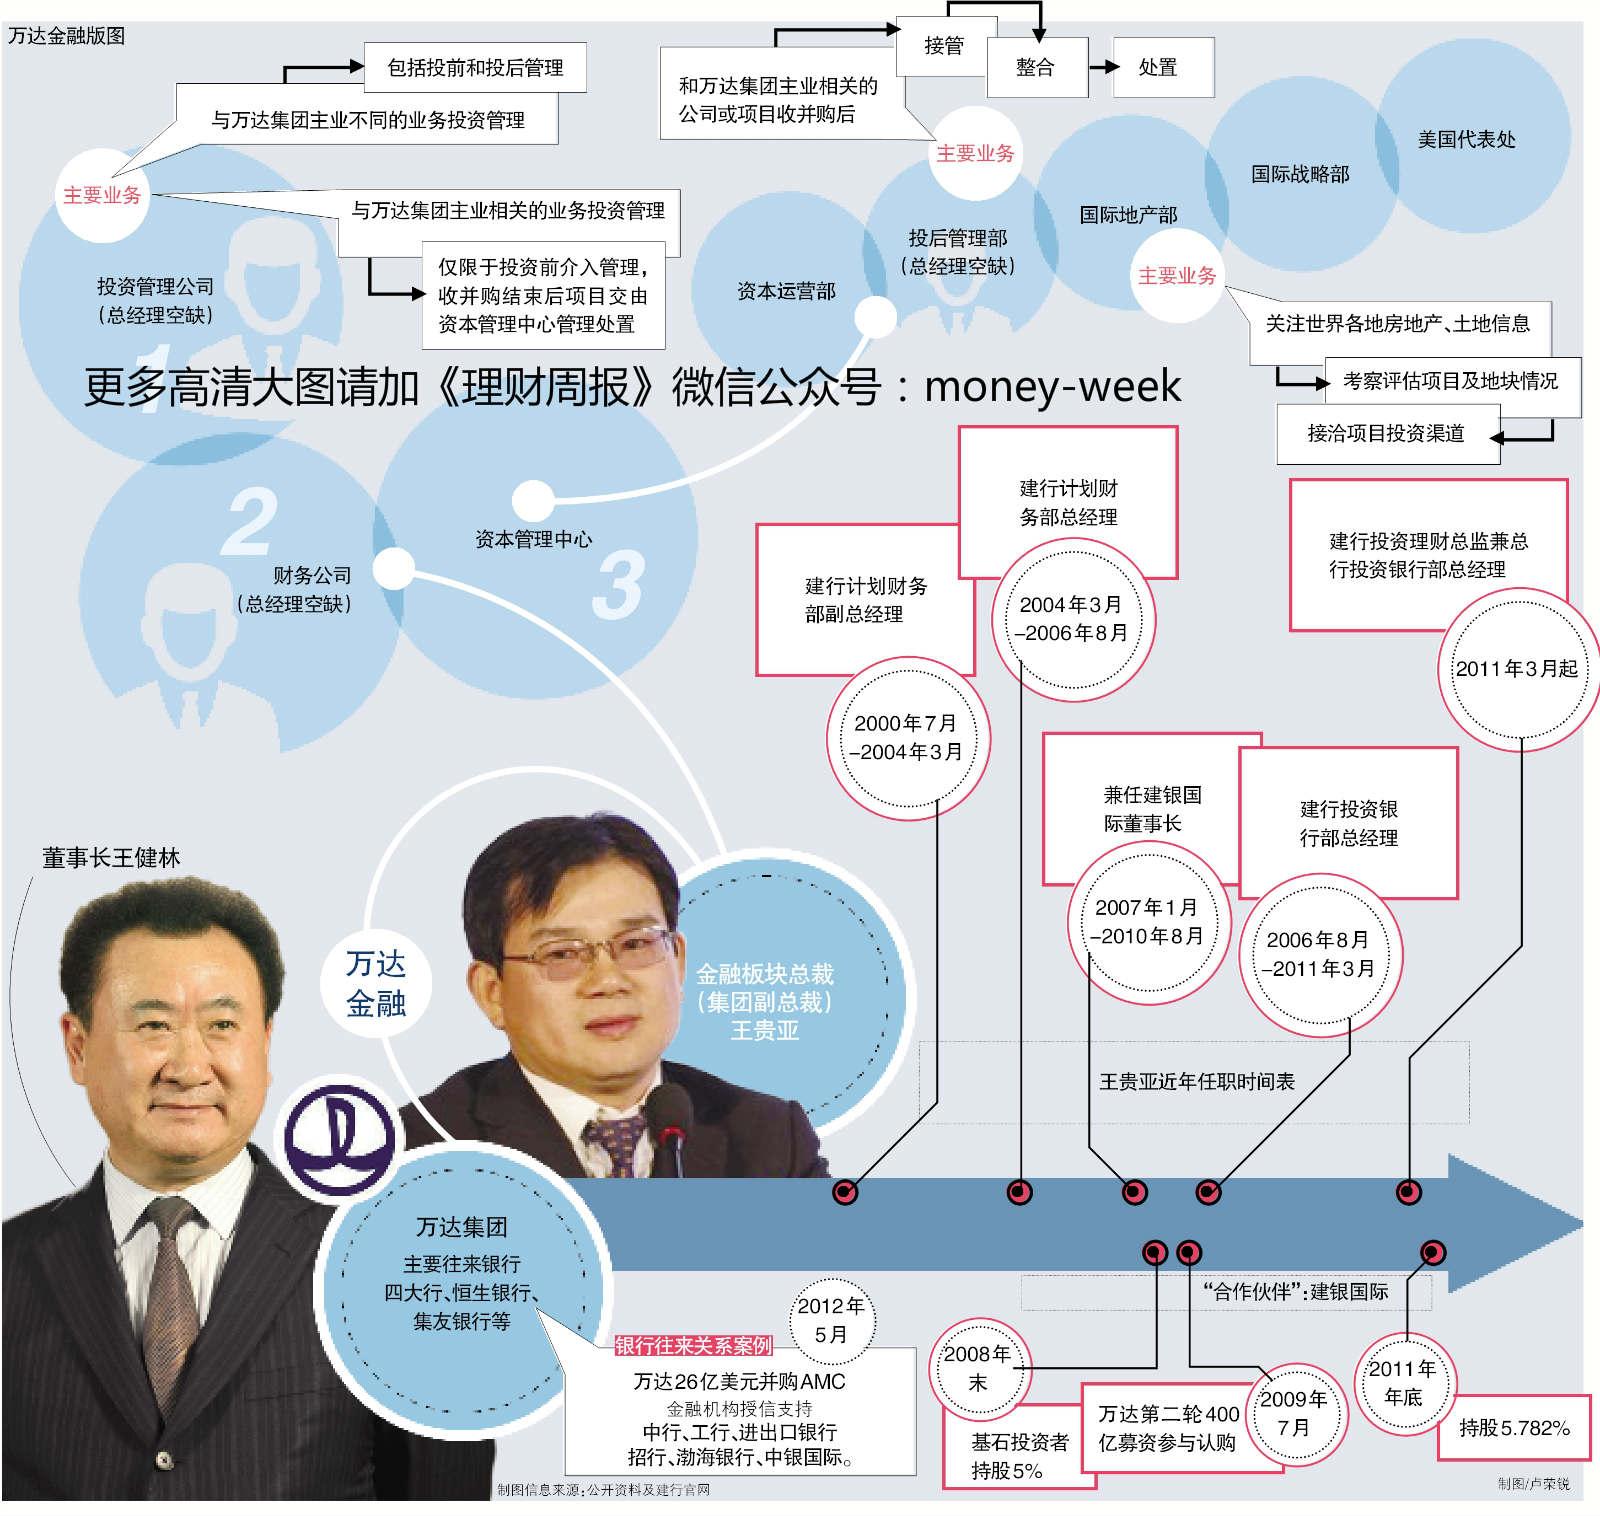 首富王健林秘密打造万达金融:挖建行高管王贵